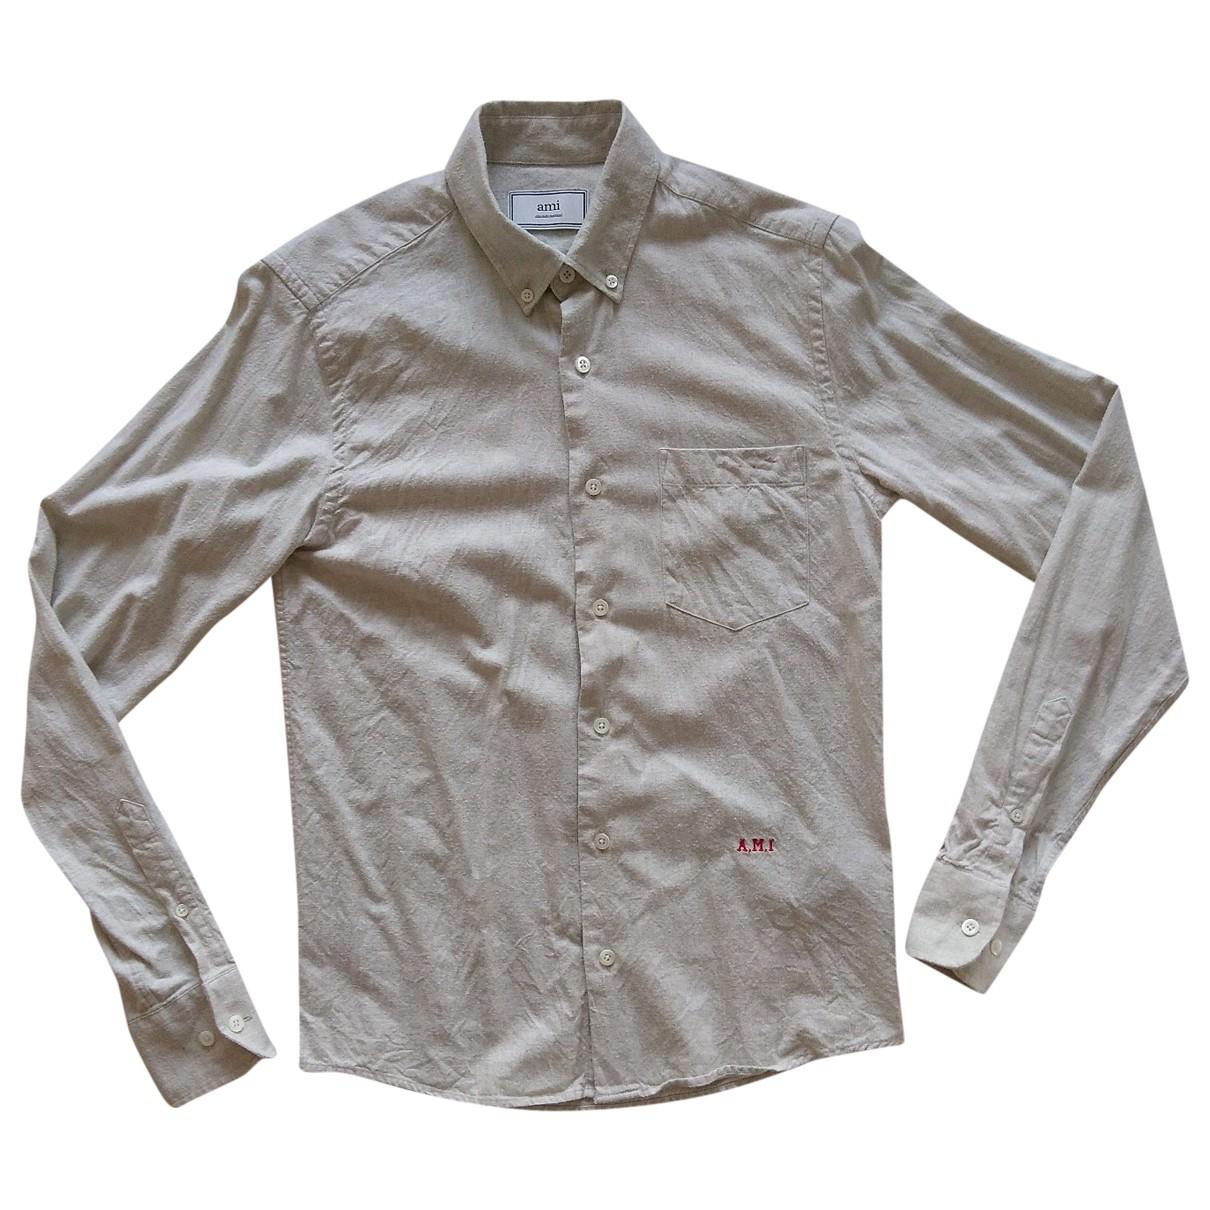 Ami \N Grey Cotton Shirts for Men 38 EU (tour de cou / collar)